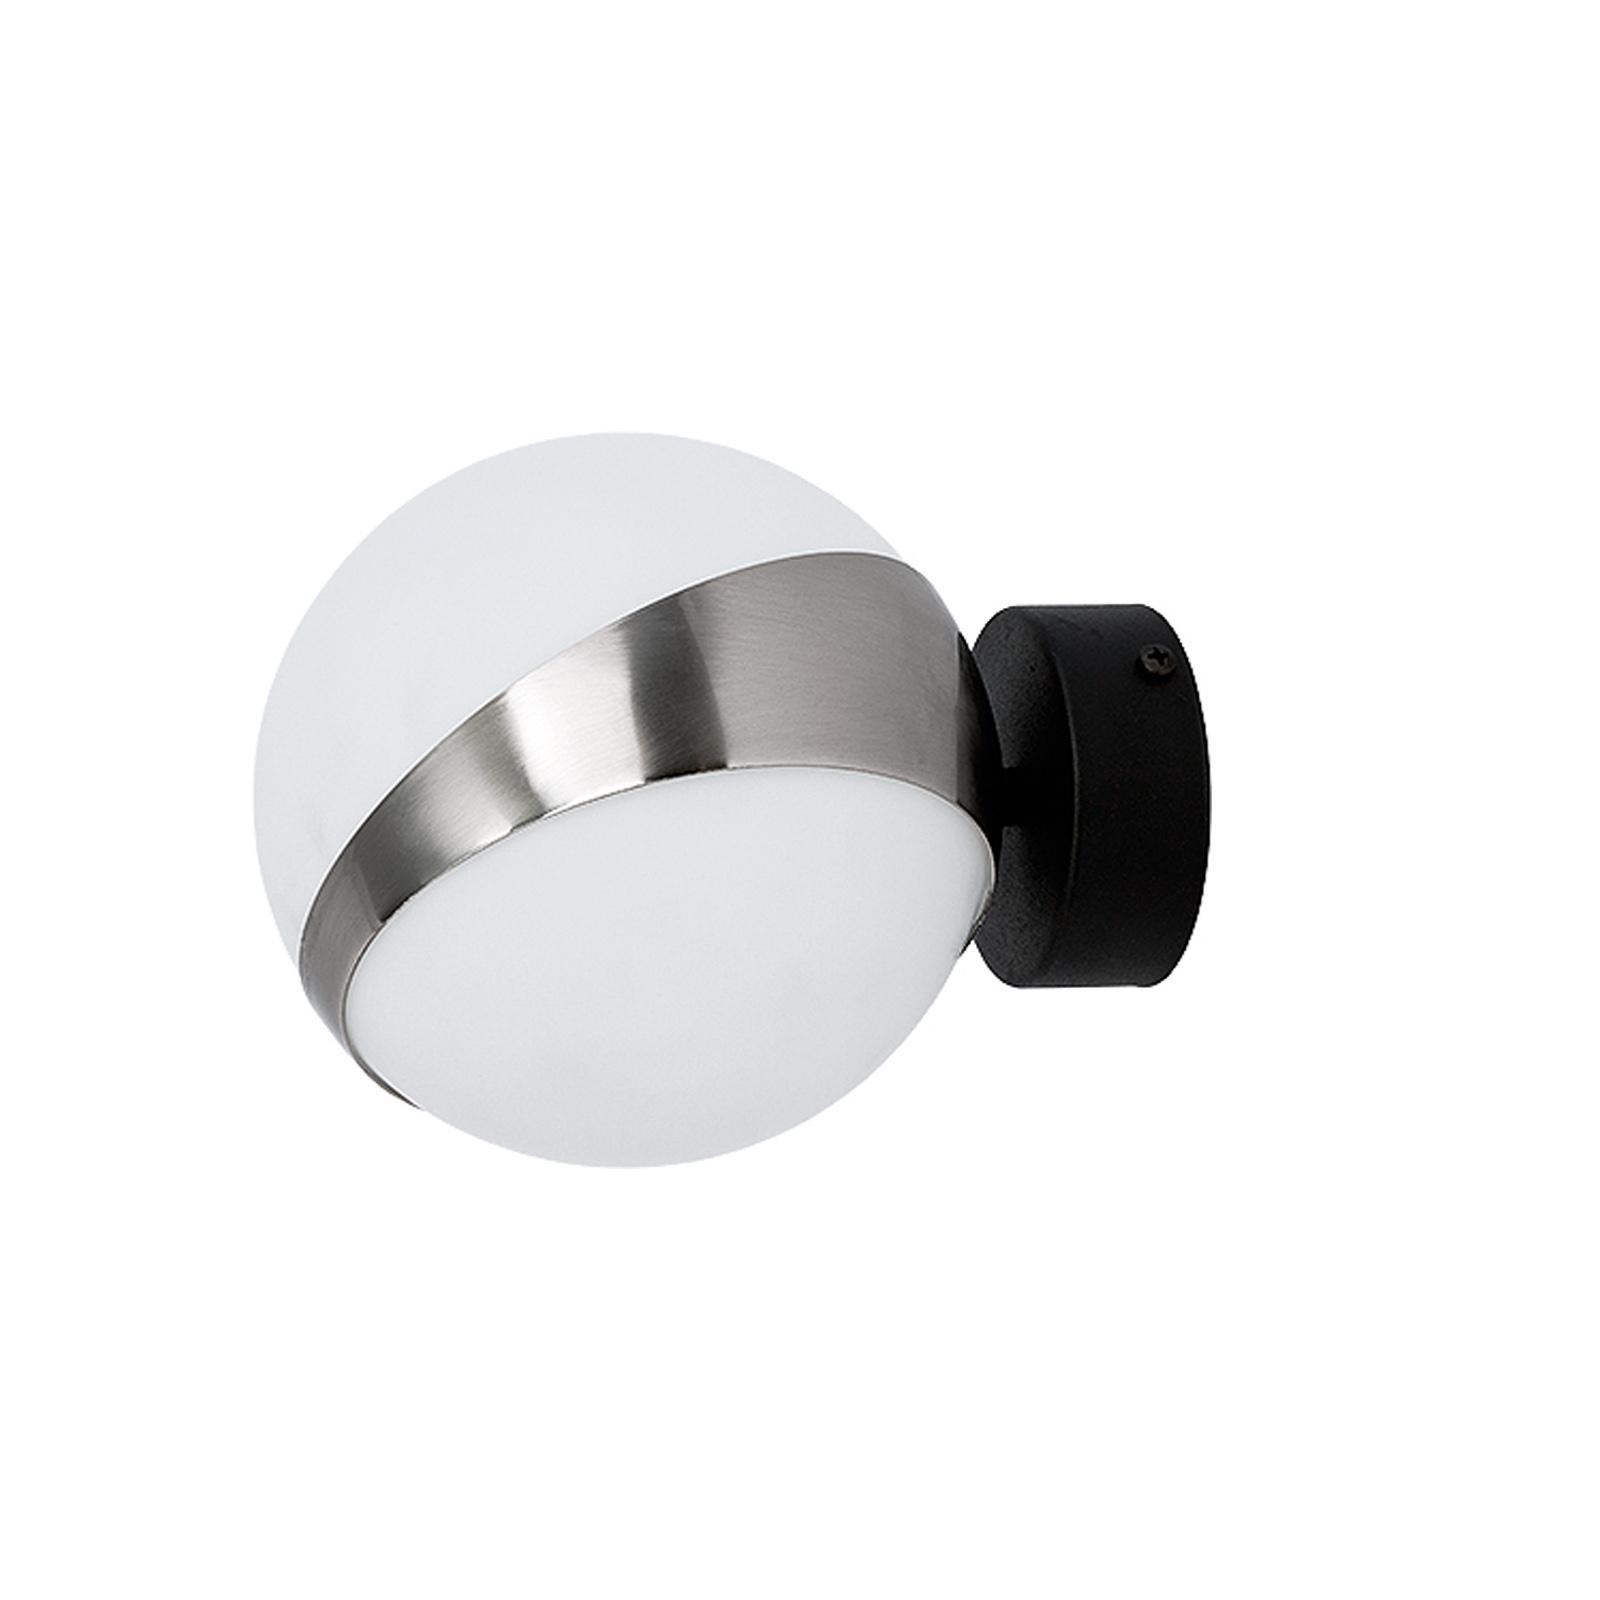 Vegglampe Parcel, hvit/sølv